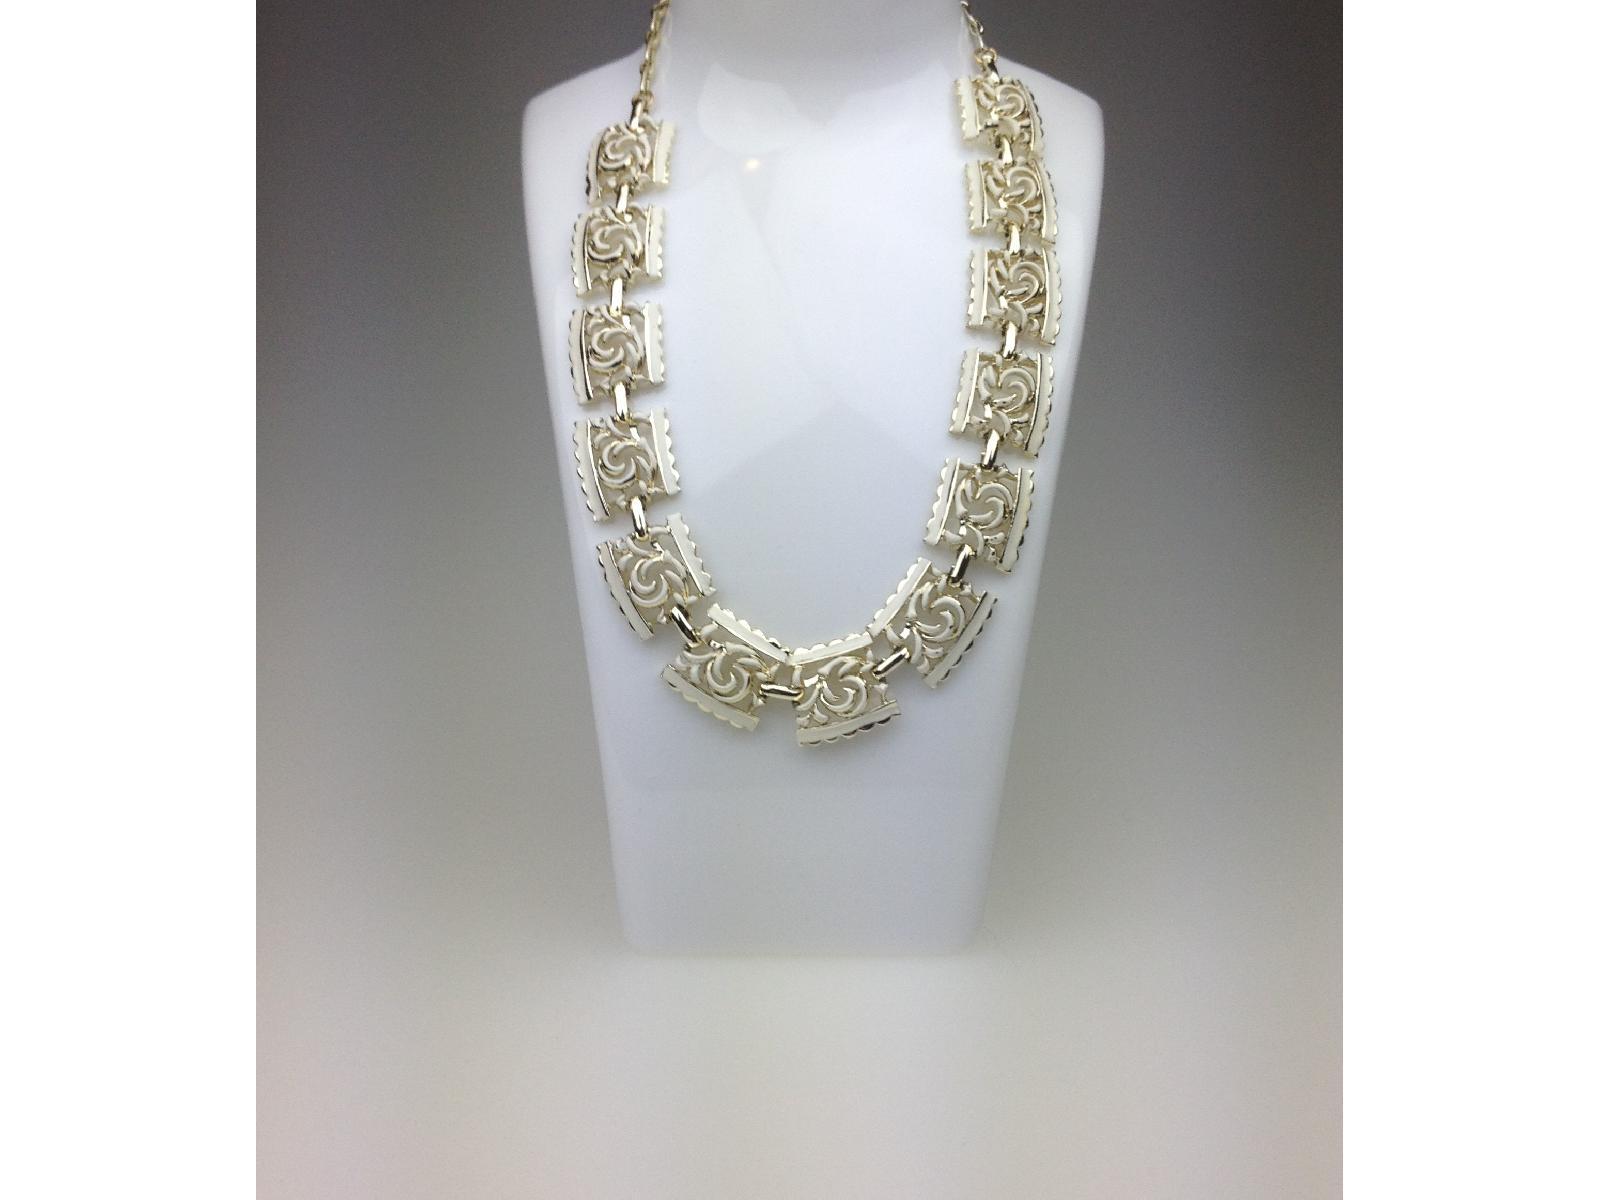 £38.00 - Vintage 50s Signed Jewelcraft Cream Enamel Fancy Link Goldtone Necklace